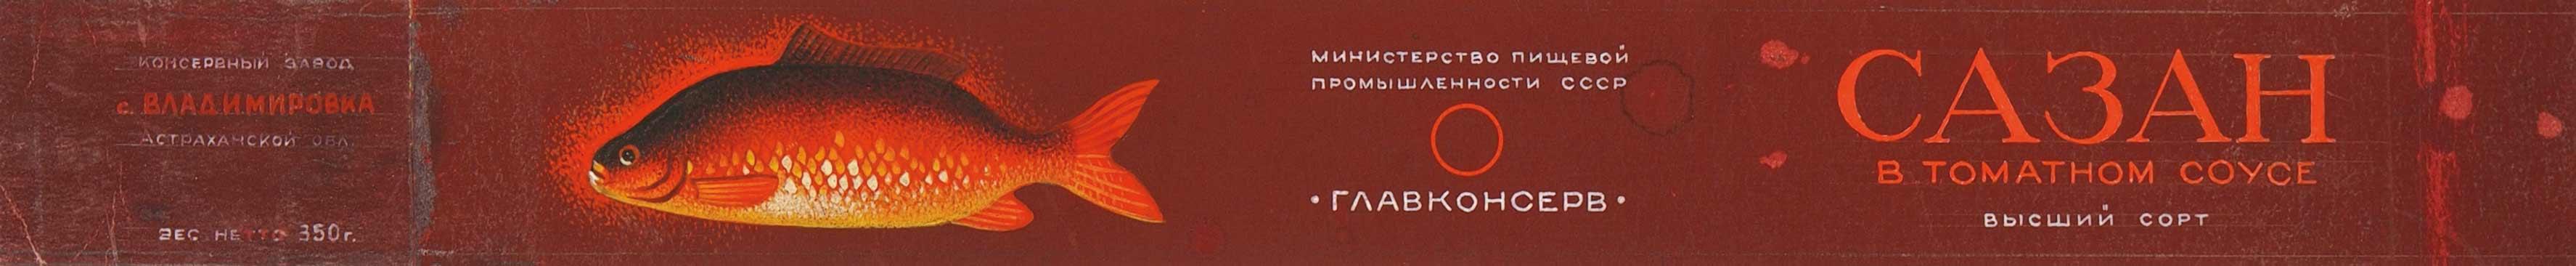 1950. Образец дизайна этикетки для консервов «Сазан в томатном соусе»